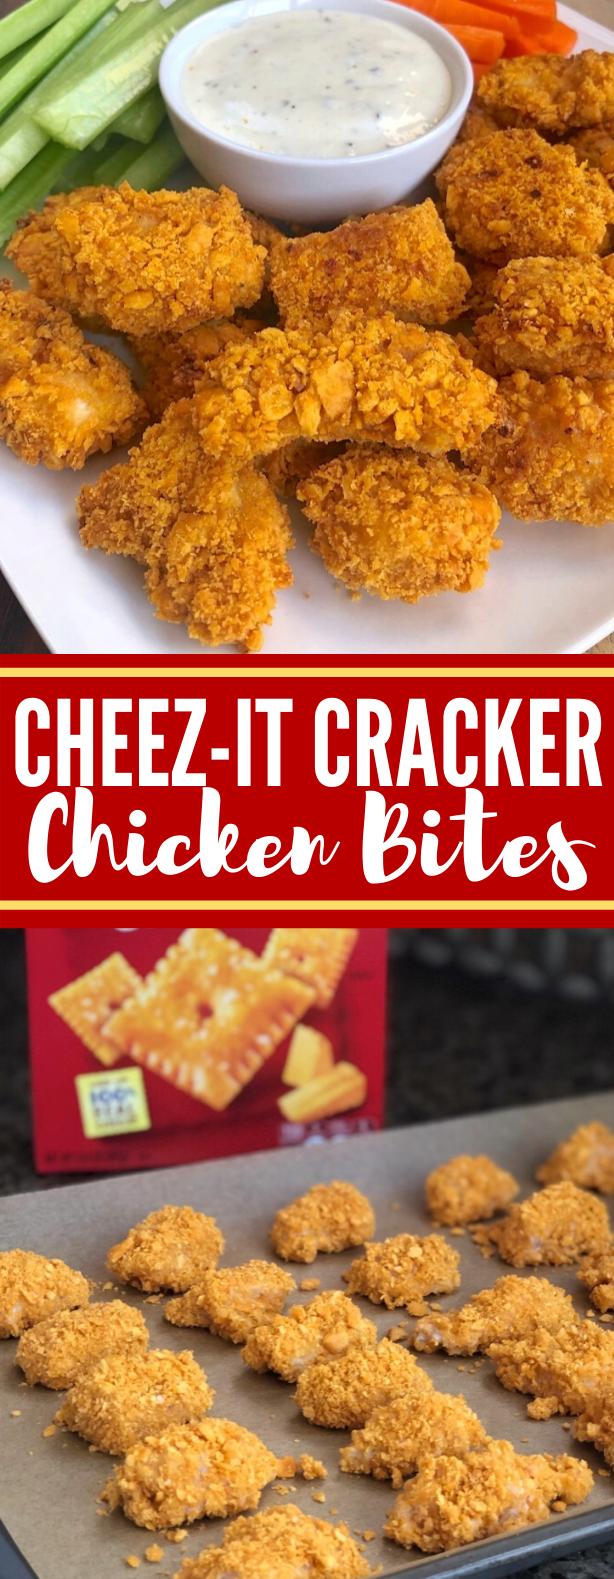 Cheez-It Cracker Chicken Bites #dinner #appetizers #snacks #chicken #lunch